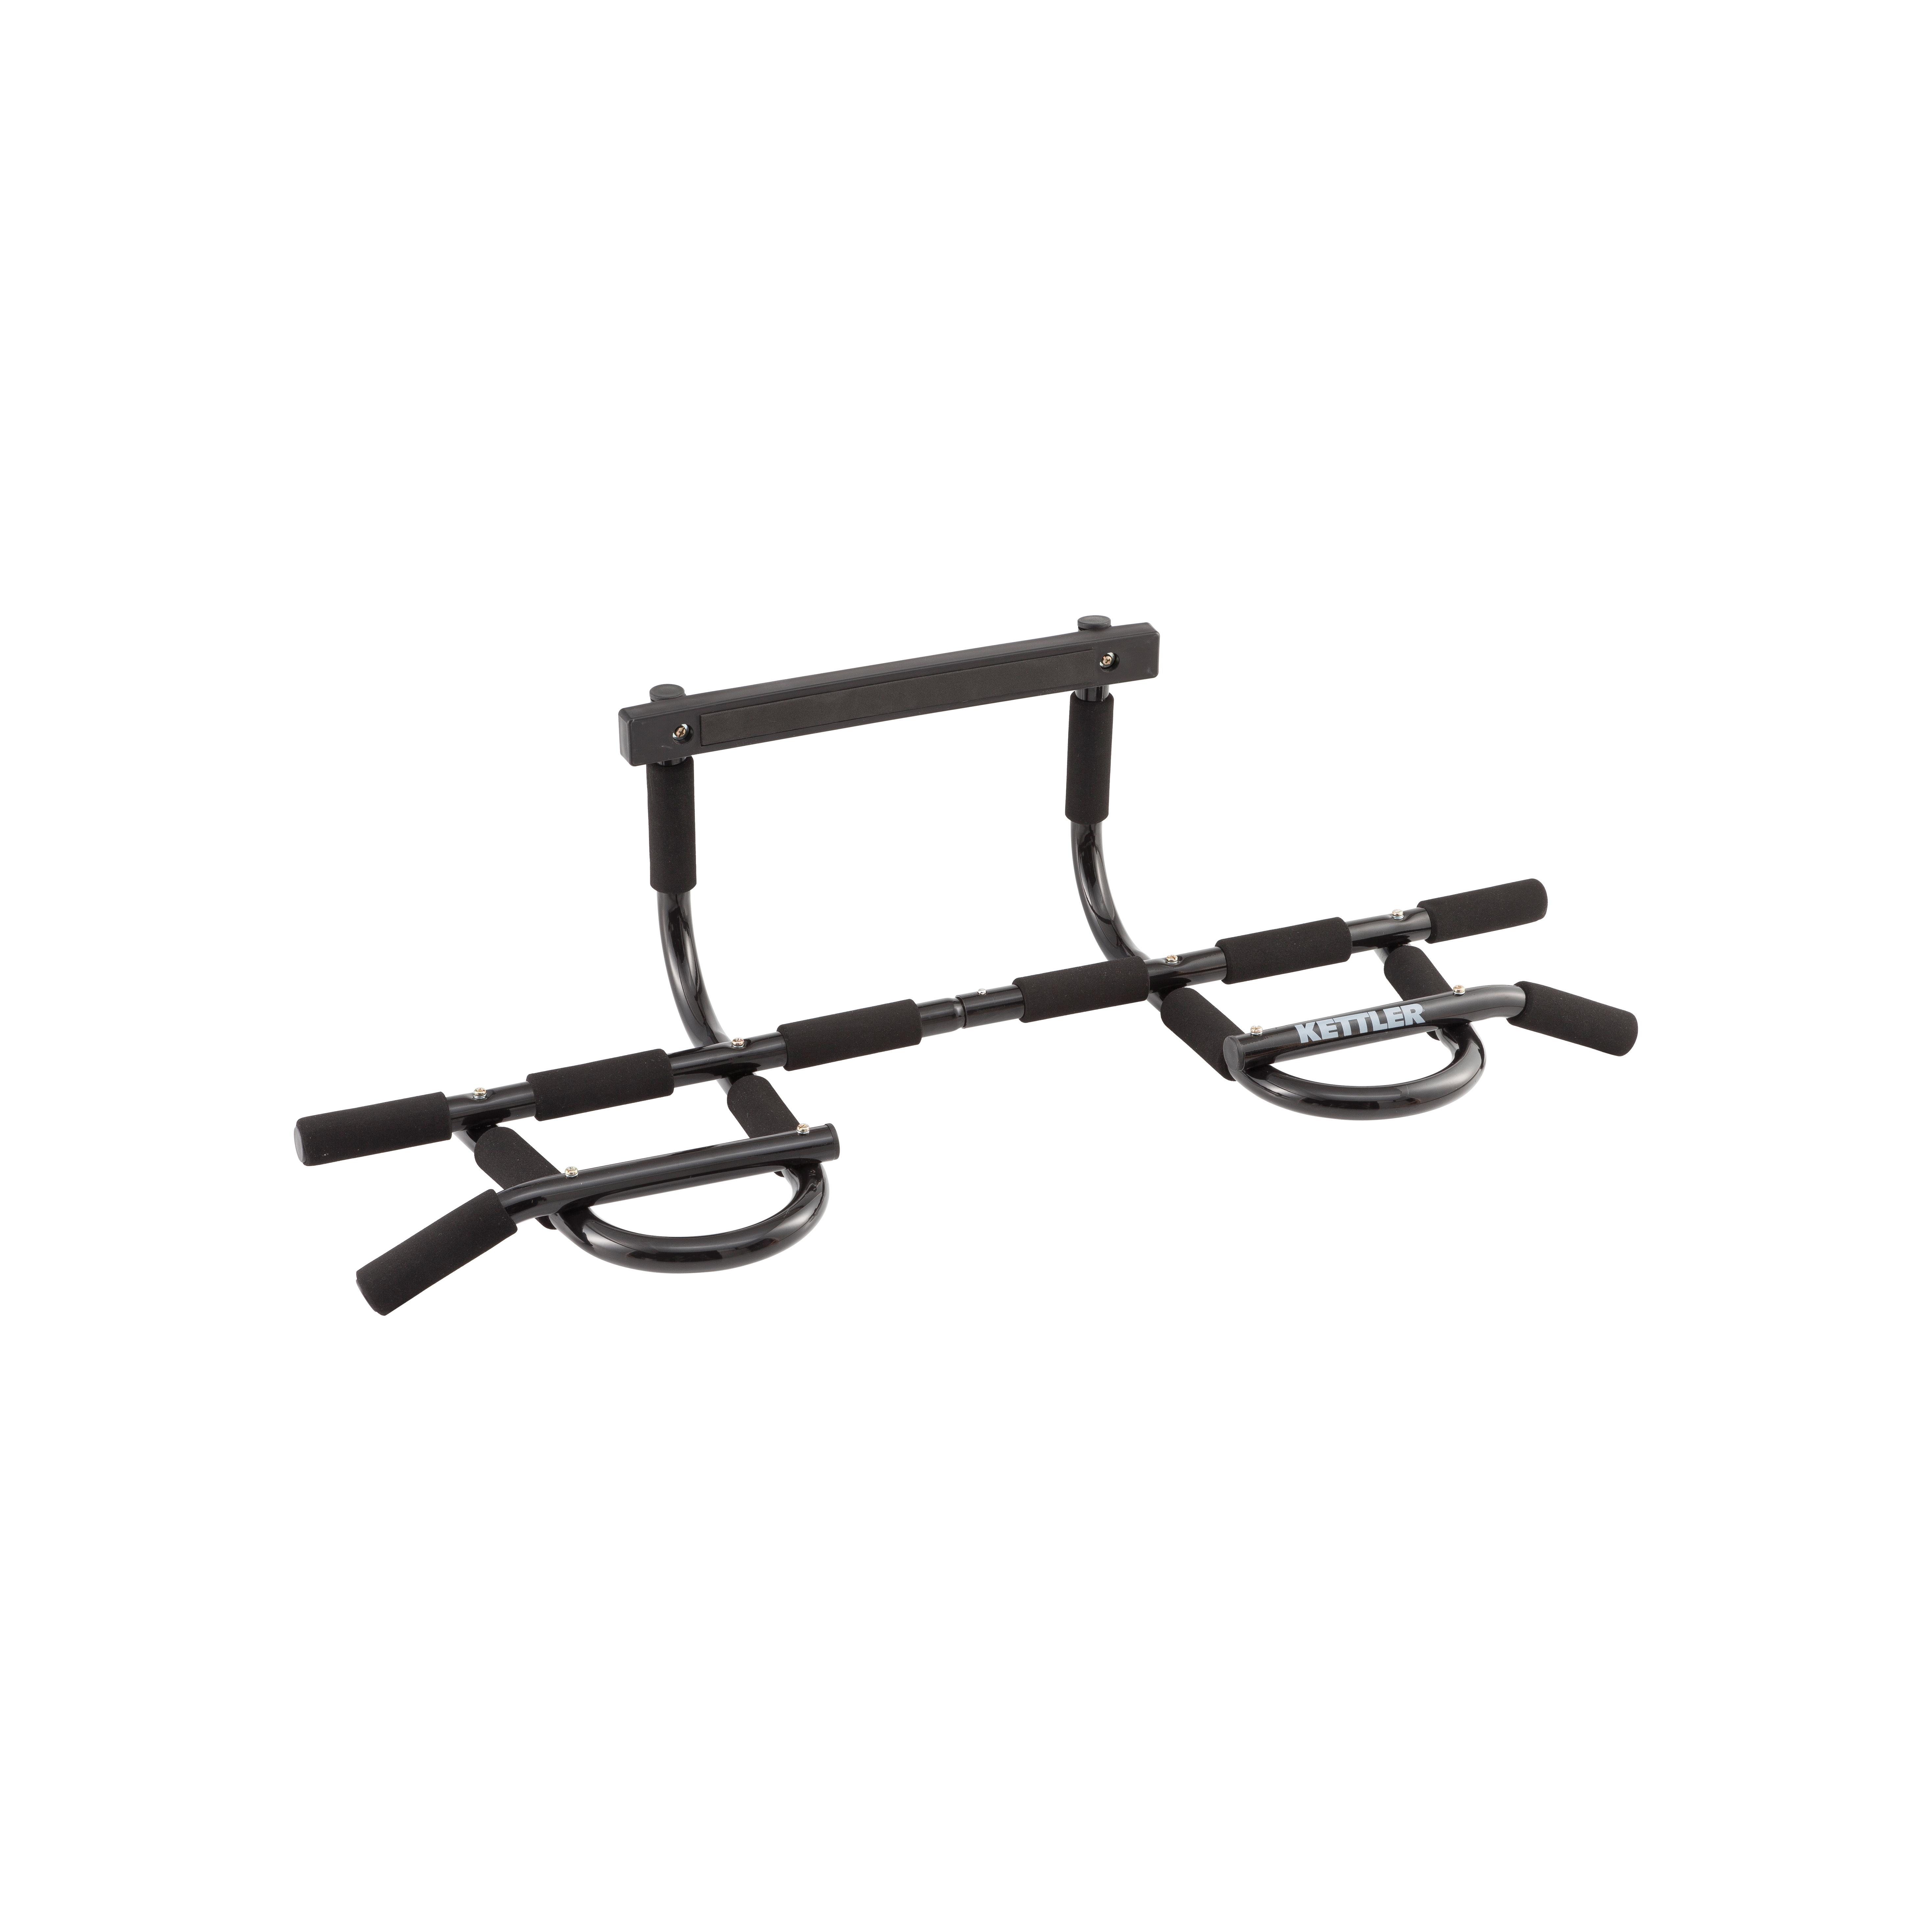 barre de traction kettler porte multi 91 90. Black Bedroom Furniture Sets. Home Design Ideas